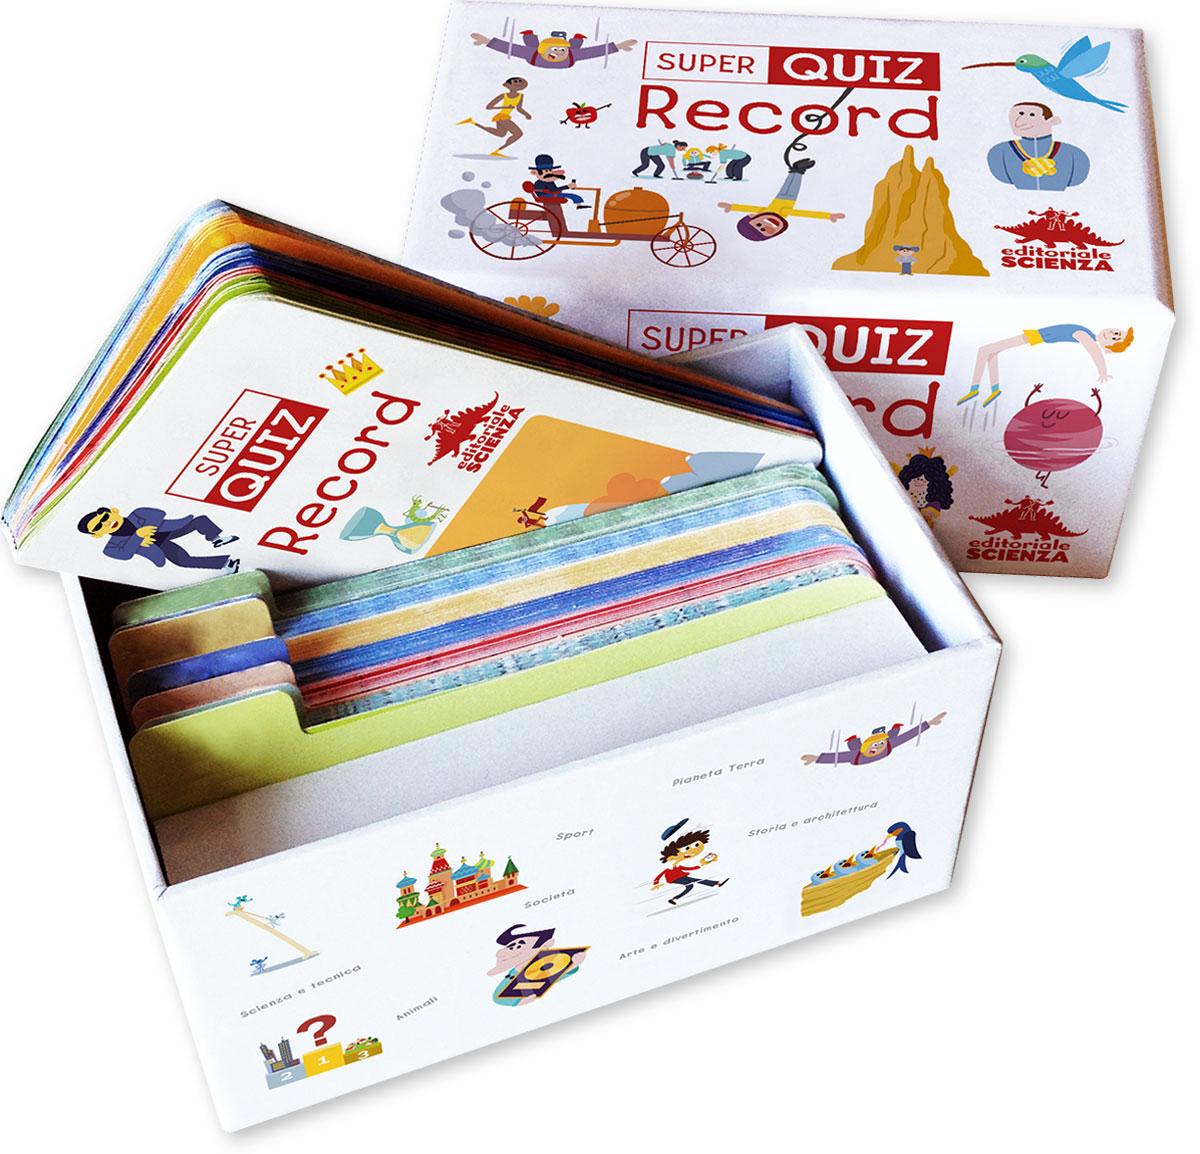 Quiz Ecologia Per Bambini super quiz – record: libro e gioco sui record per bambini